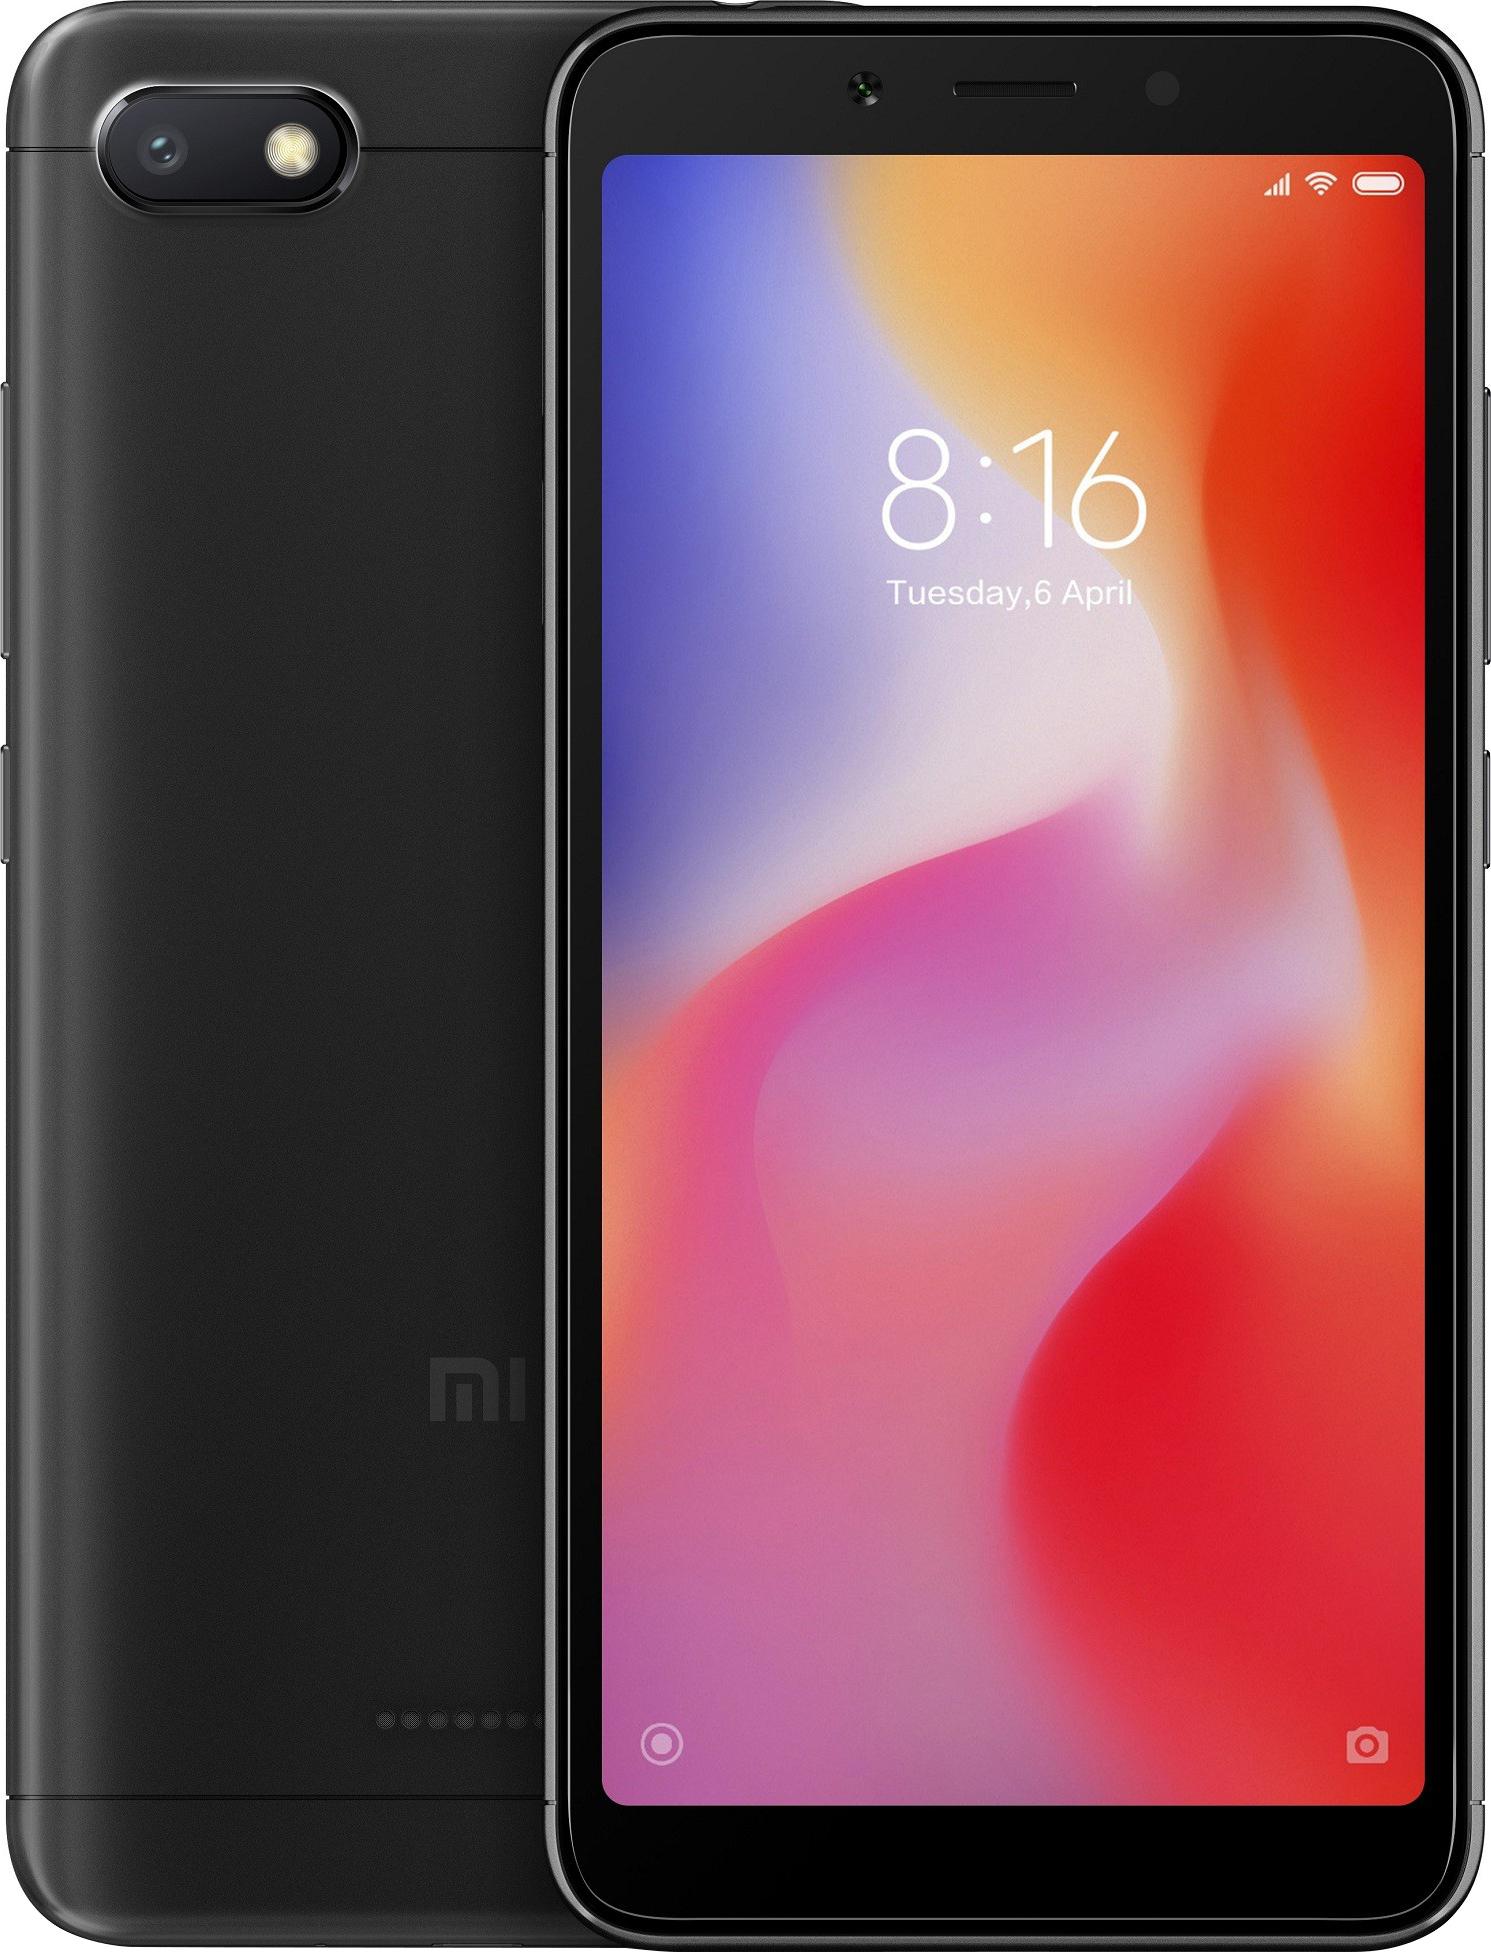 Xiaomi Redmi 6A Dual SIM - 16GB, 2GB RAM, 4G LTE, Black Global Versia